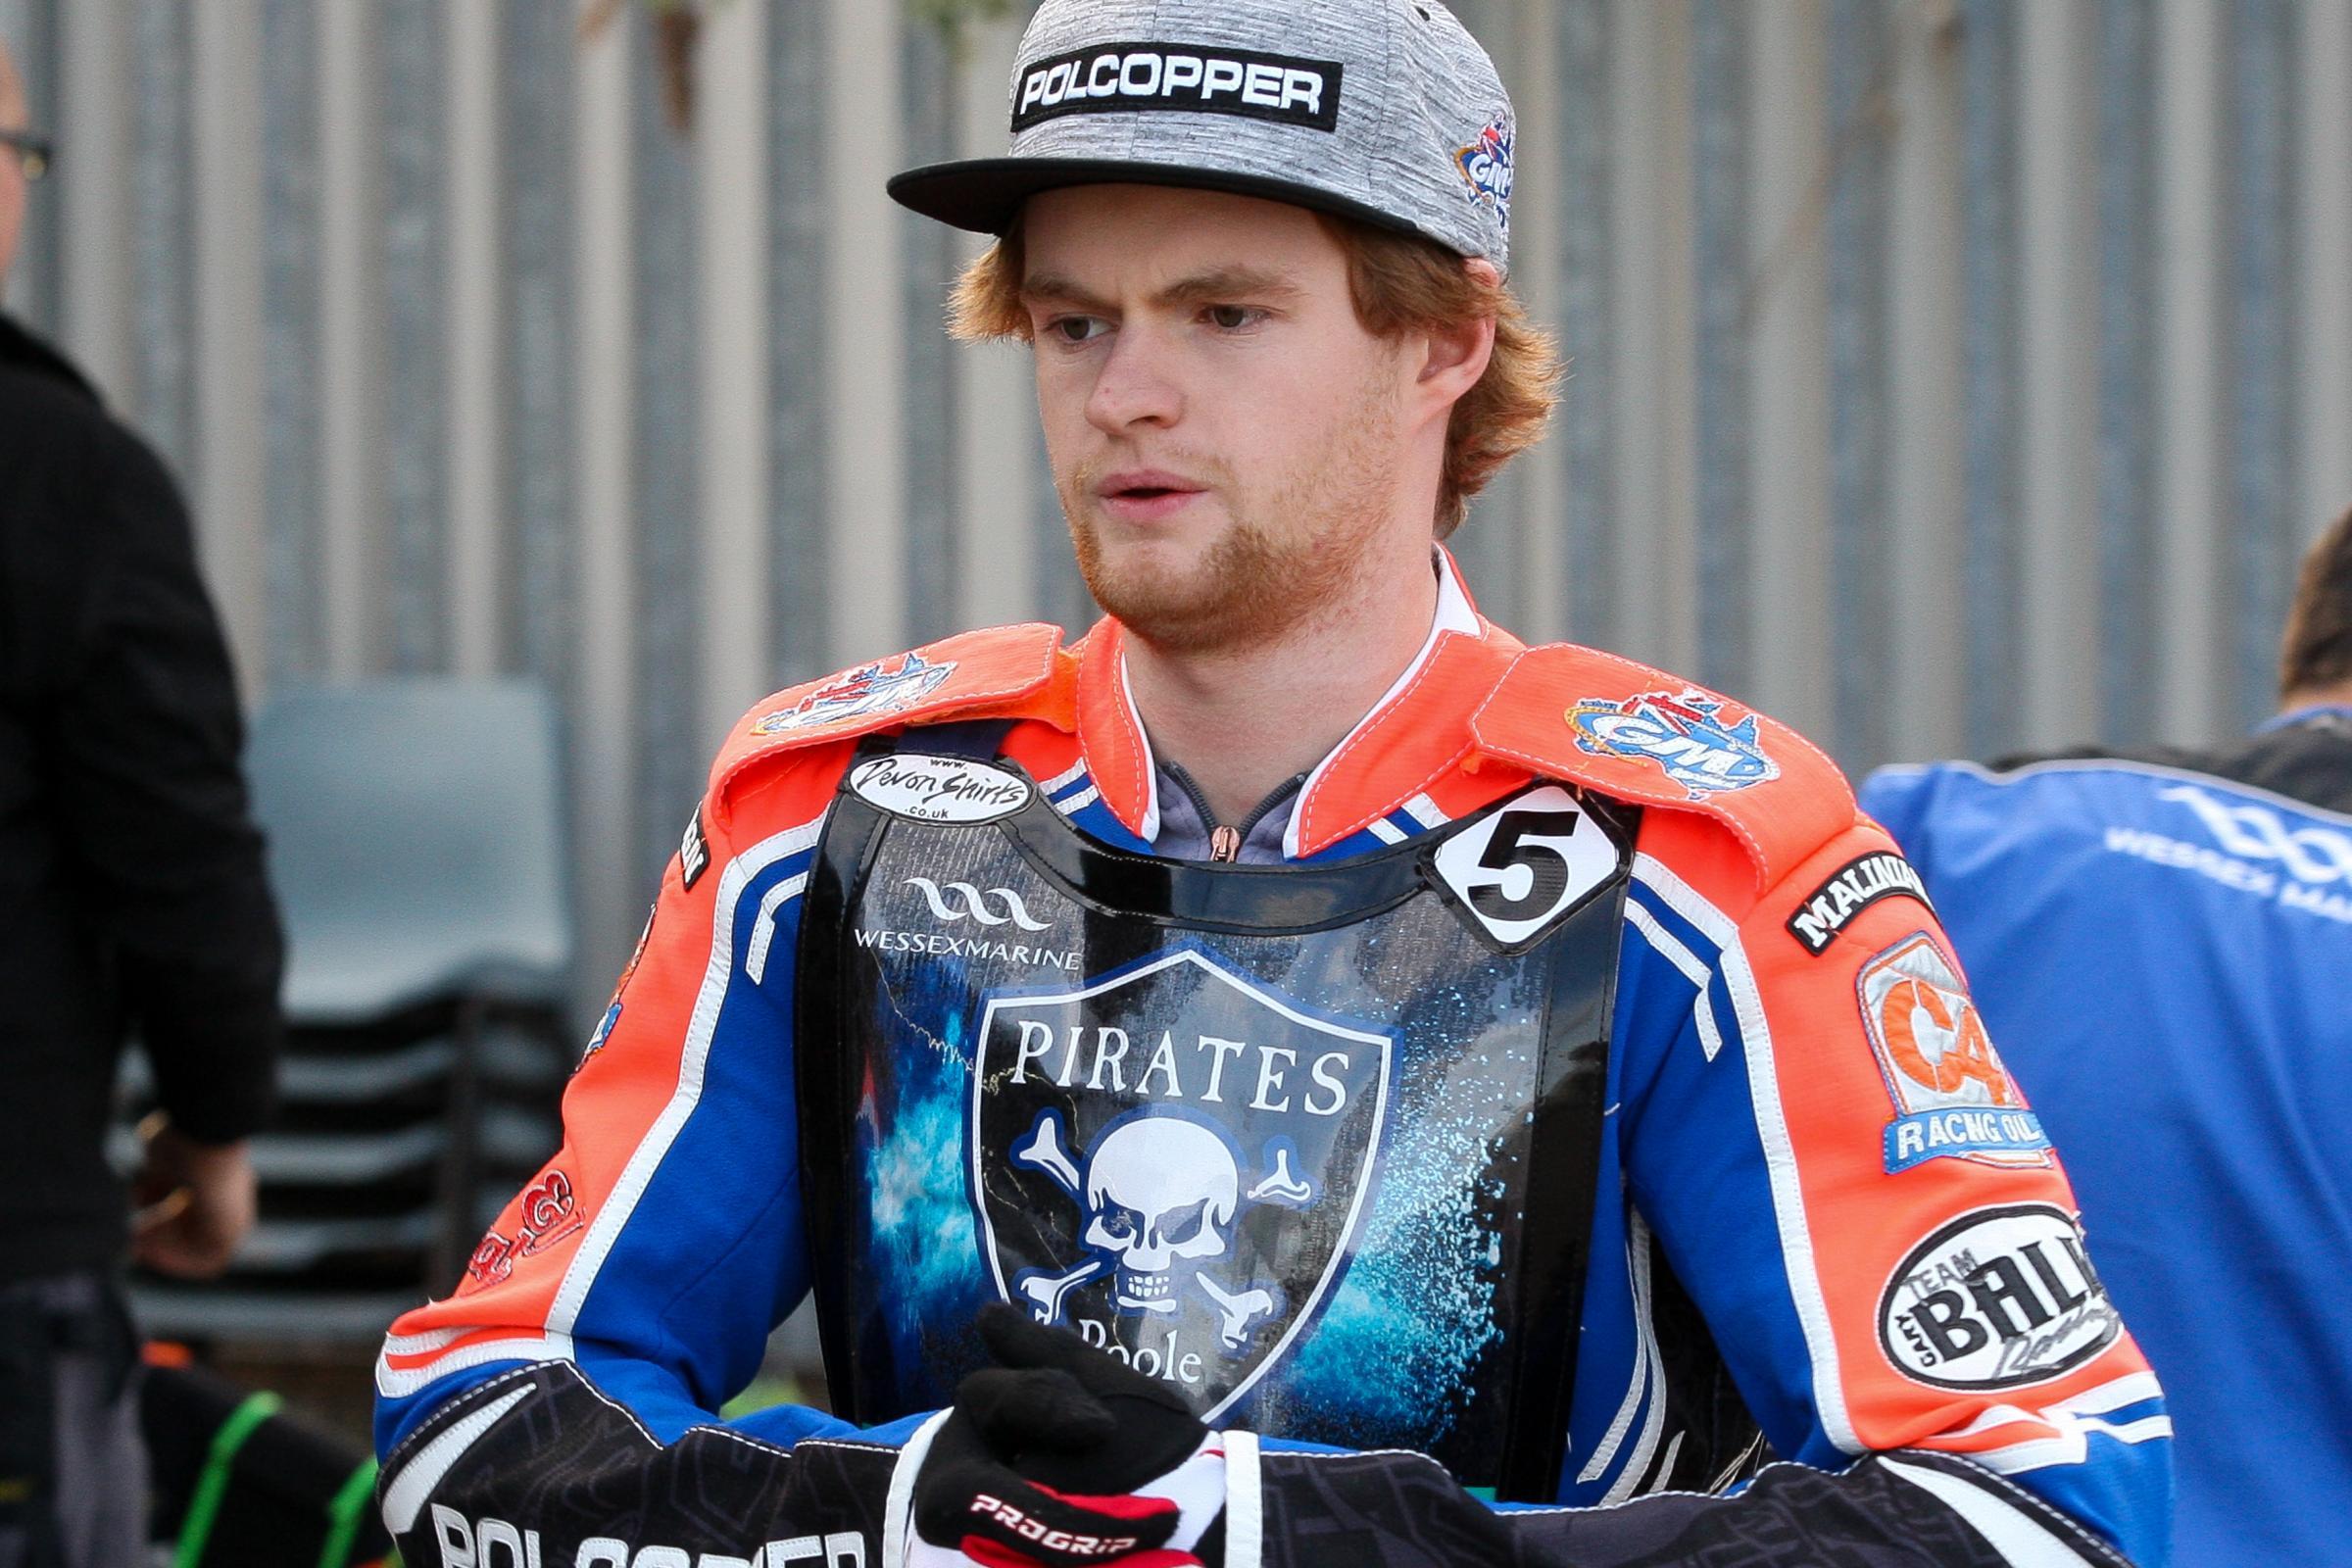 'He looks absolutely world class' – Middleditch praises Pirates star Kurtz